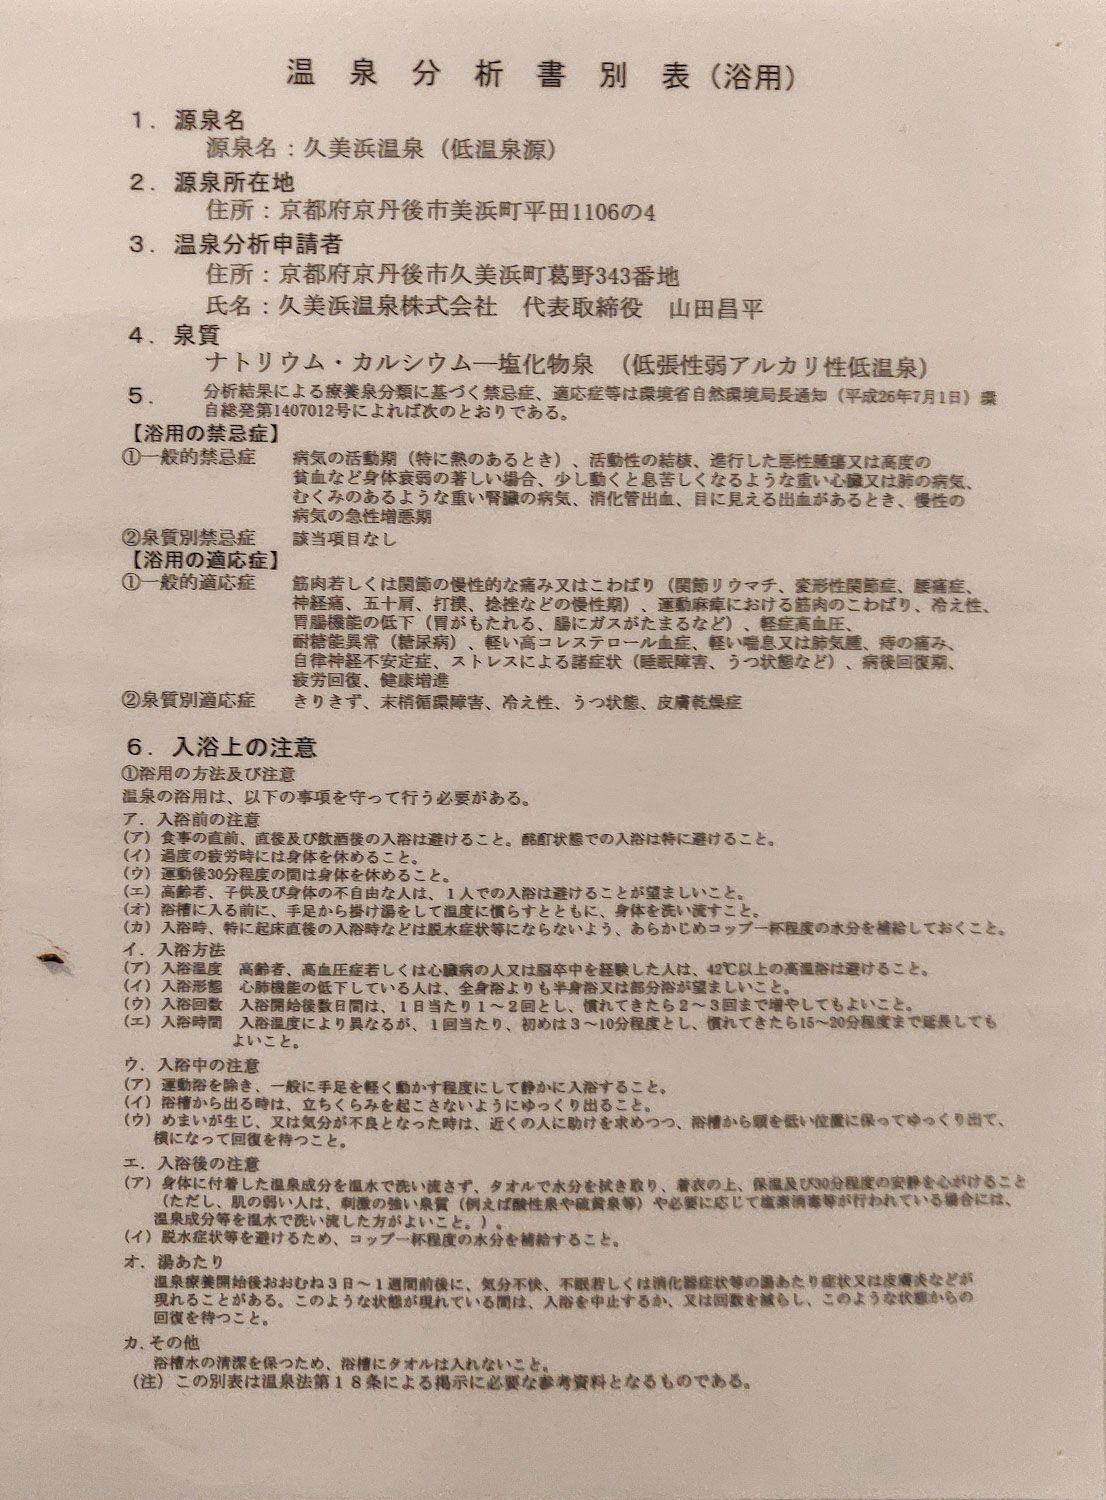 久美浜温泉湯元館 低温泉源 温泉分析書